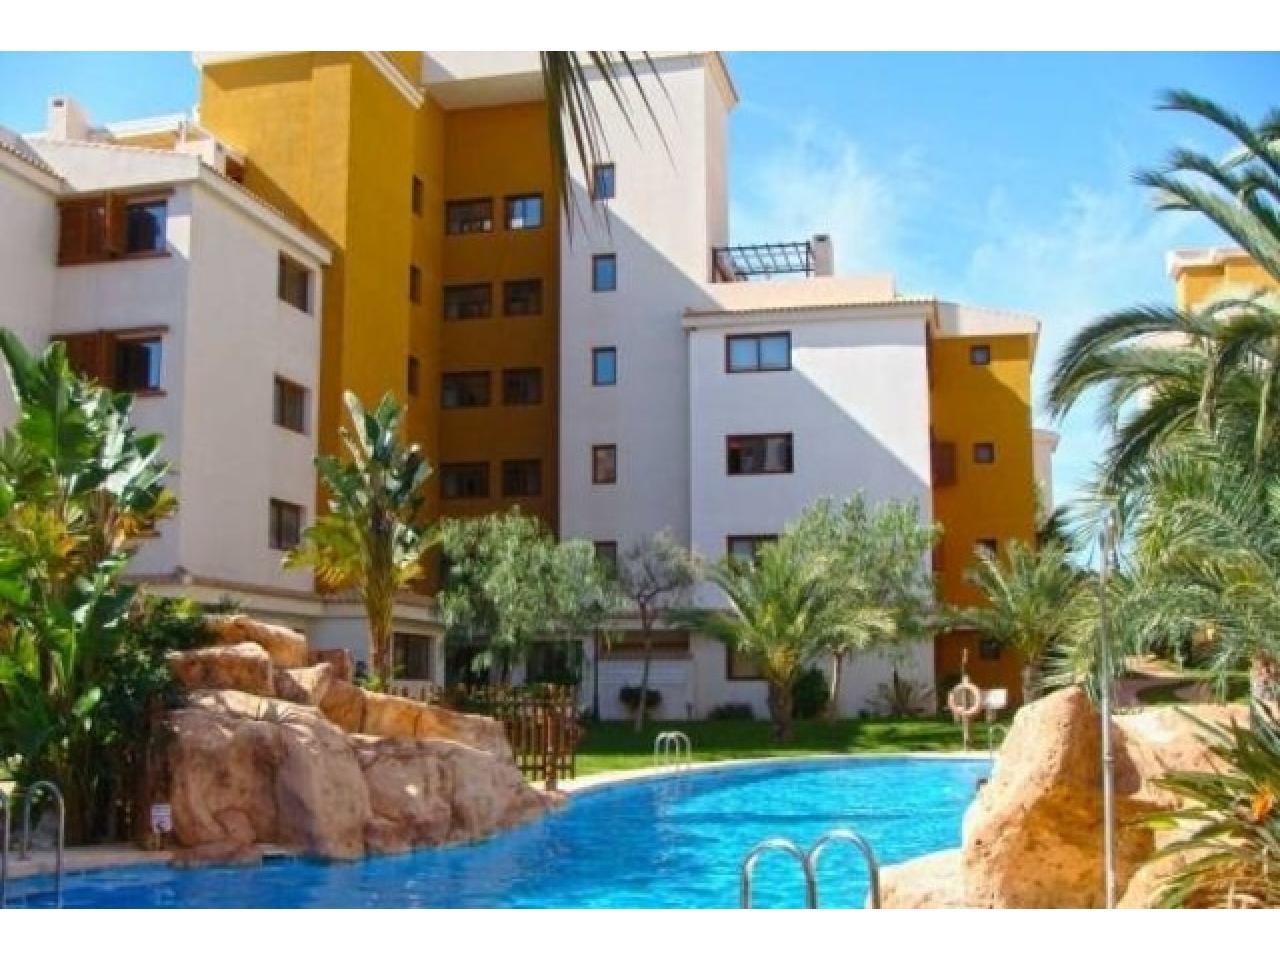 Недвижимость в Испании,Новая квартира на берегу моря от застройщика в Торревьехе - 4